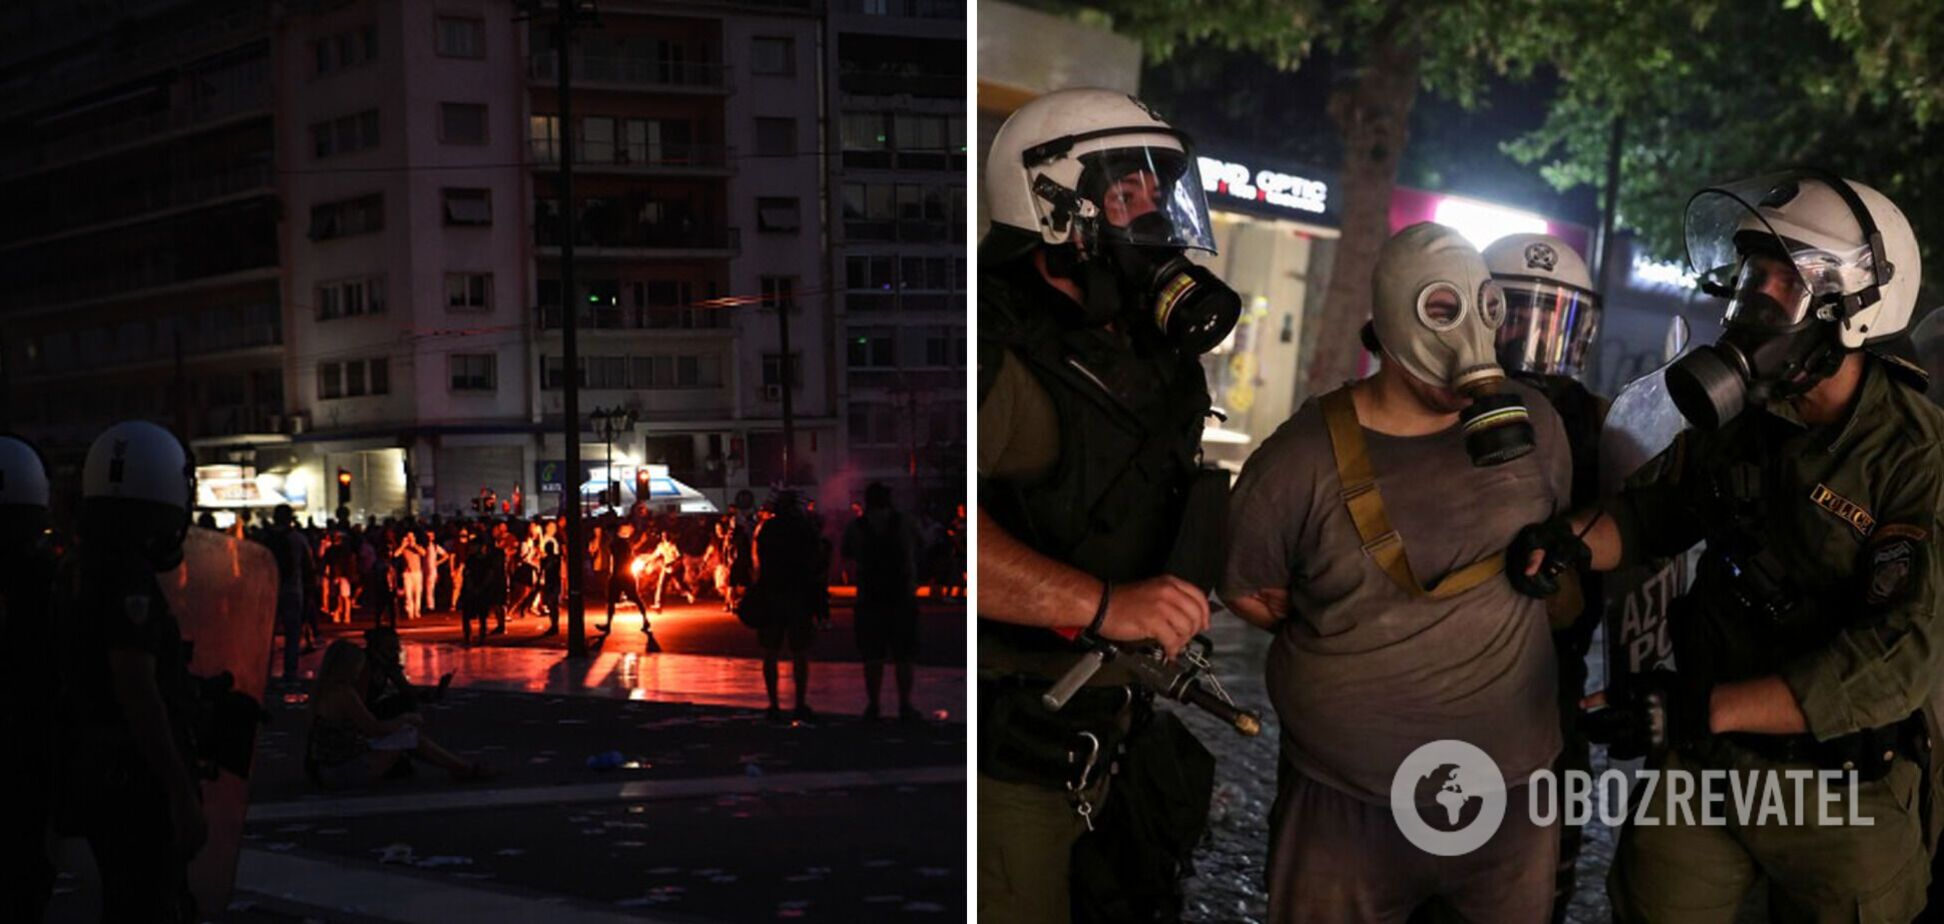 У Греції на мітингу проти обов'язкової вакцинації від COVID-19 відбулися сутички: поліція застосувала водомети